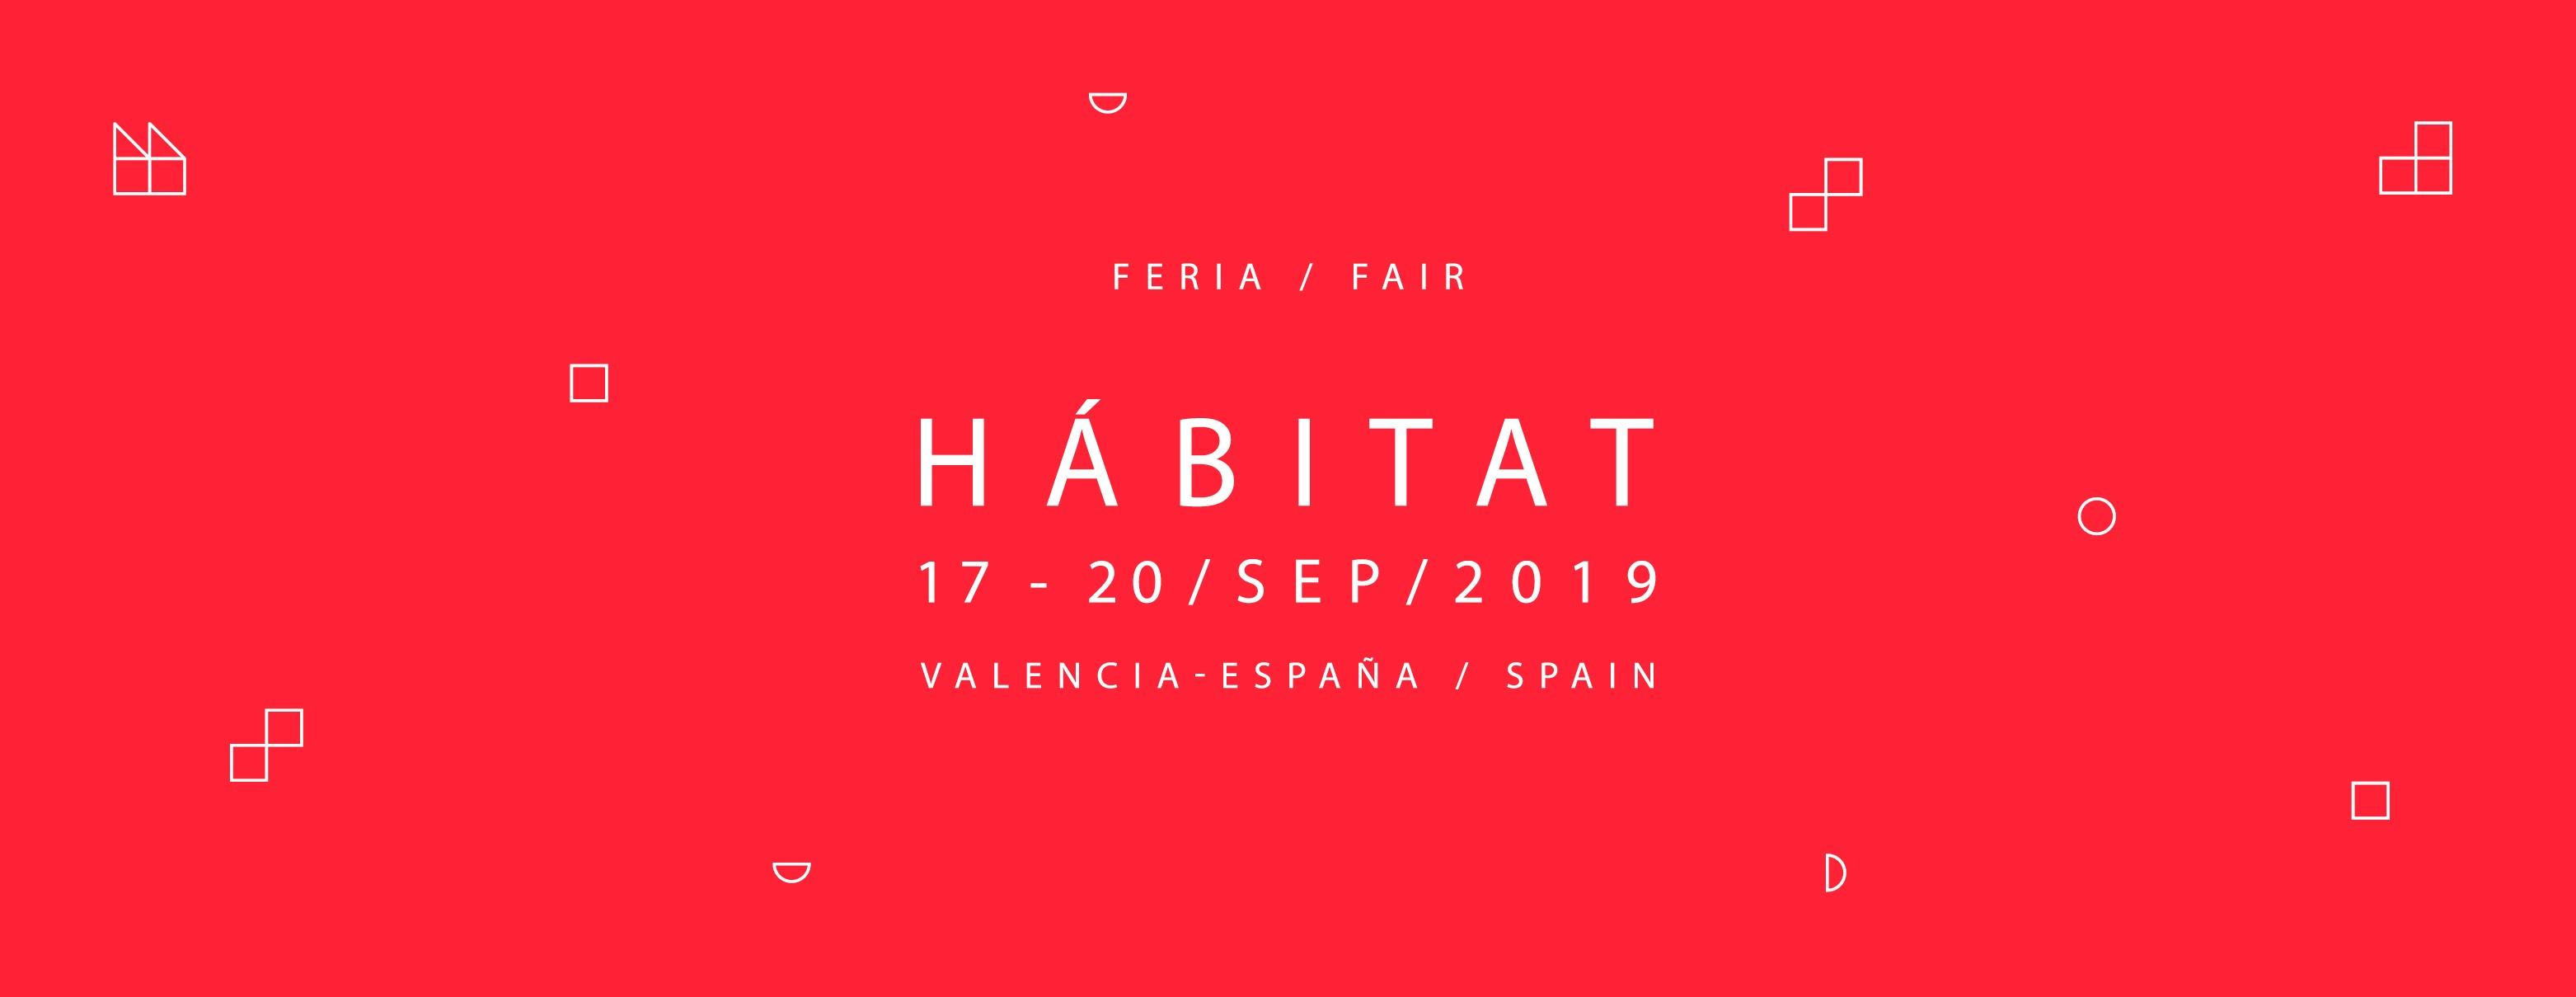 Banner Feria Habitat Valencia